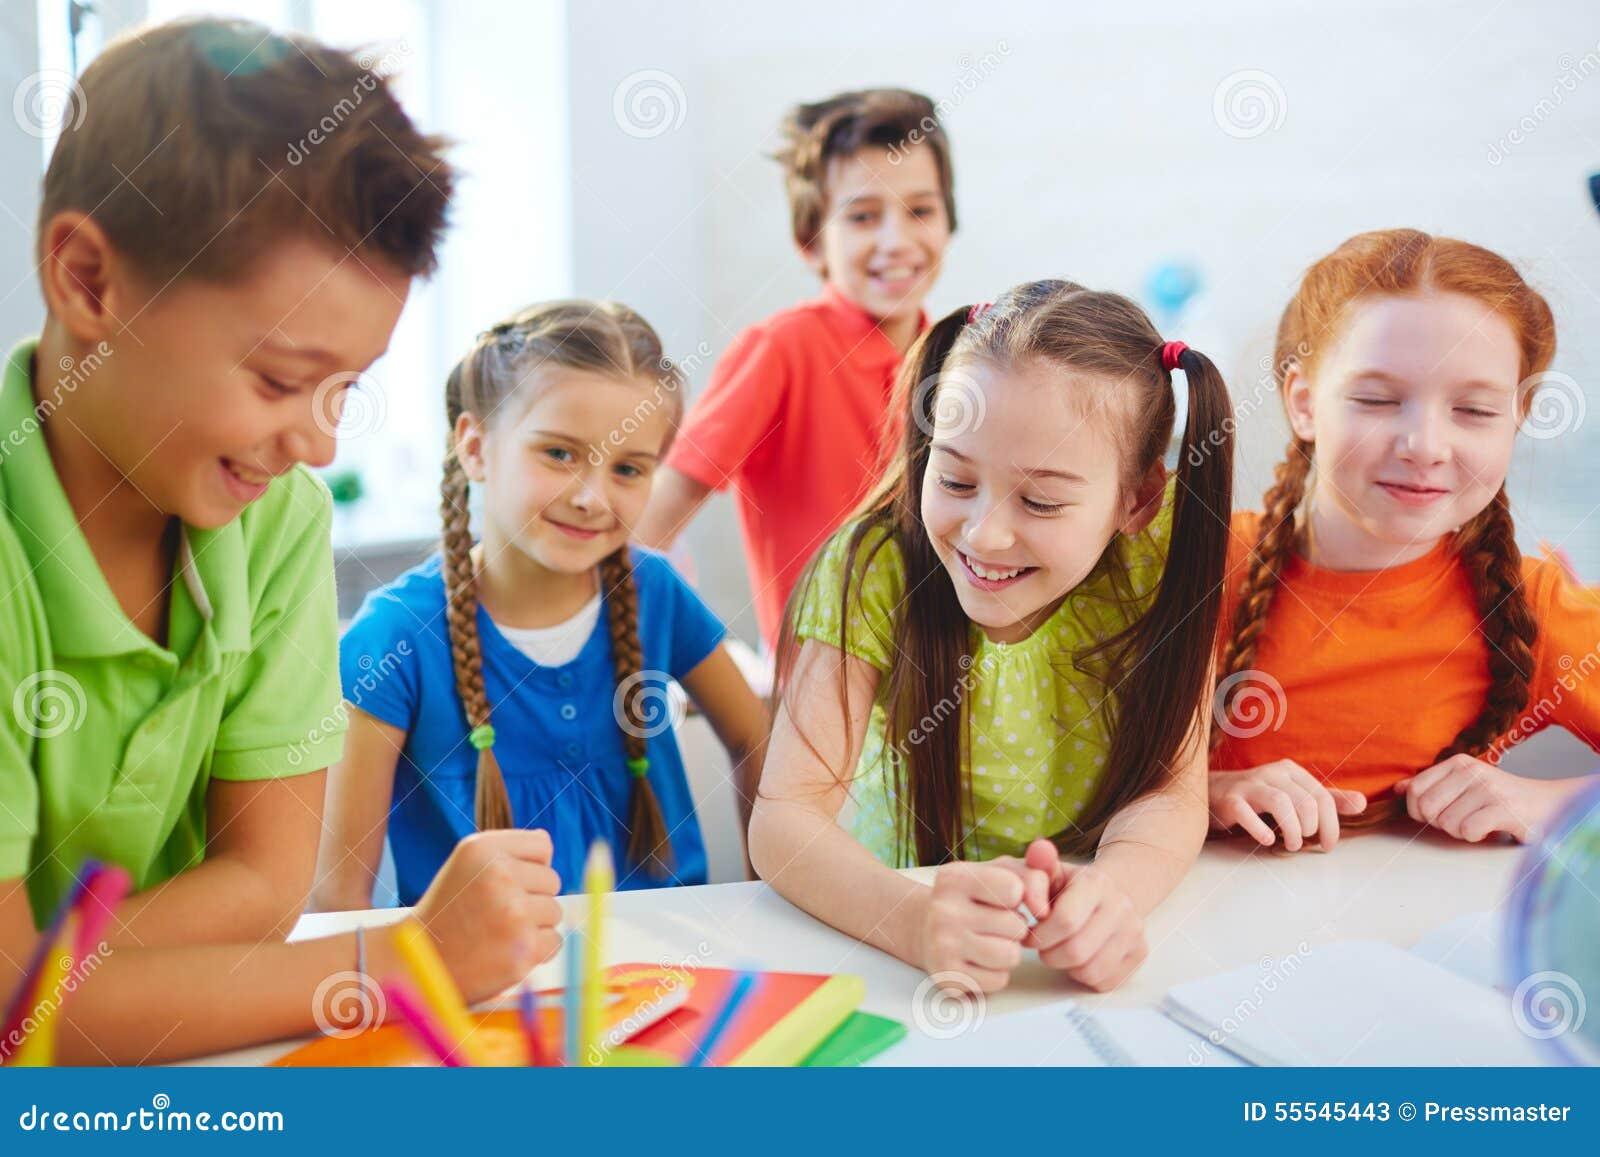 School Friends Talking Stock Photo - Image: 55545443